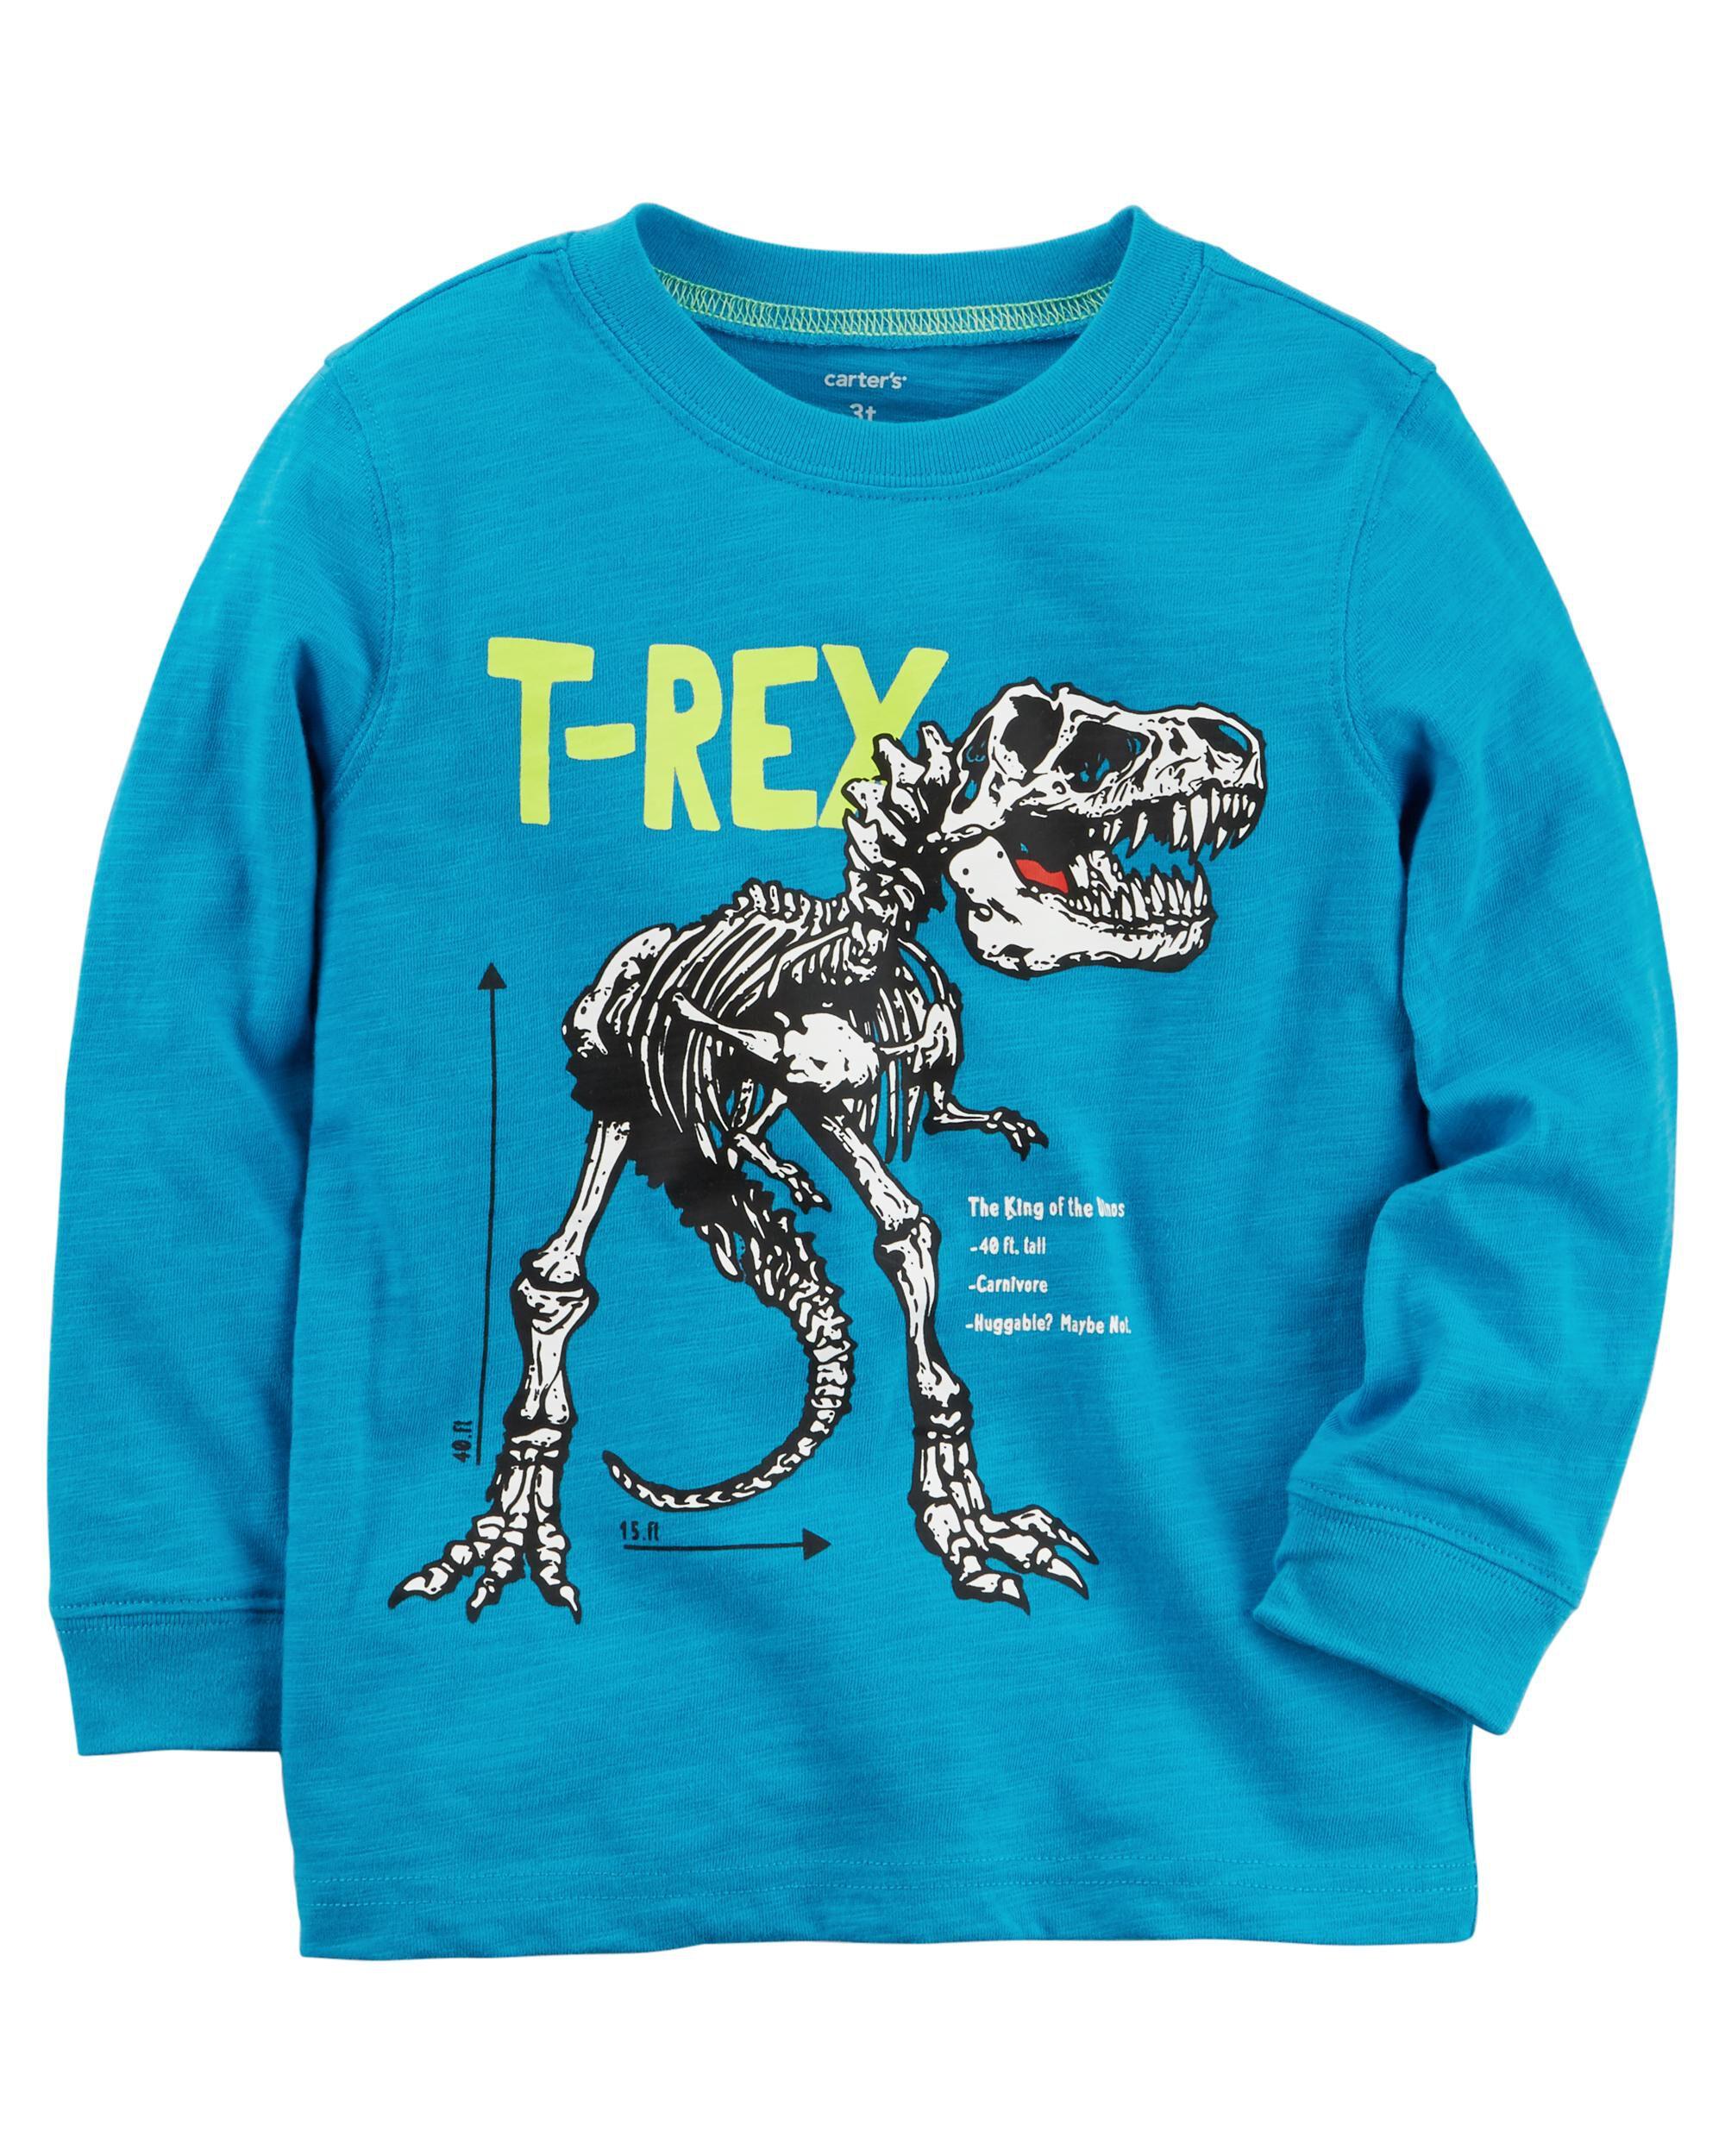 T-Rex Jersey Tee